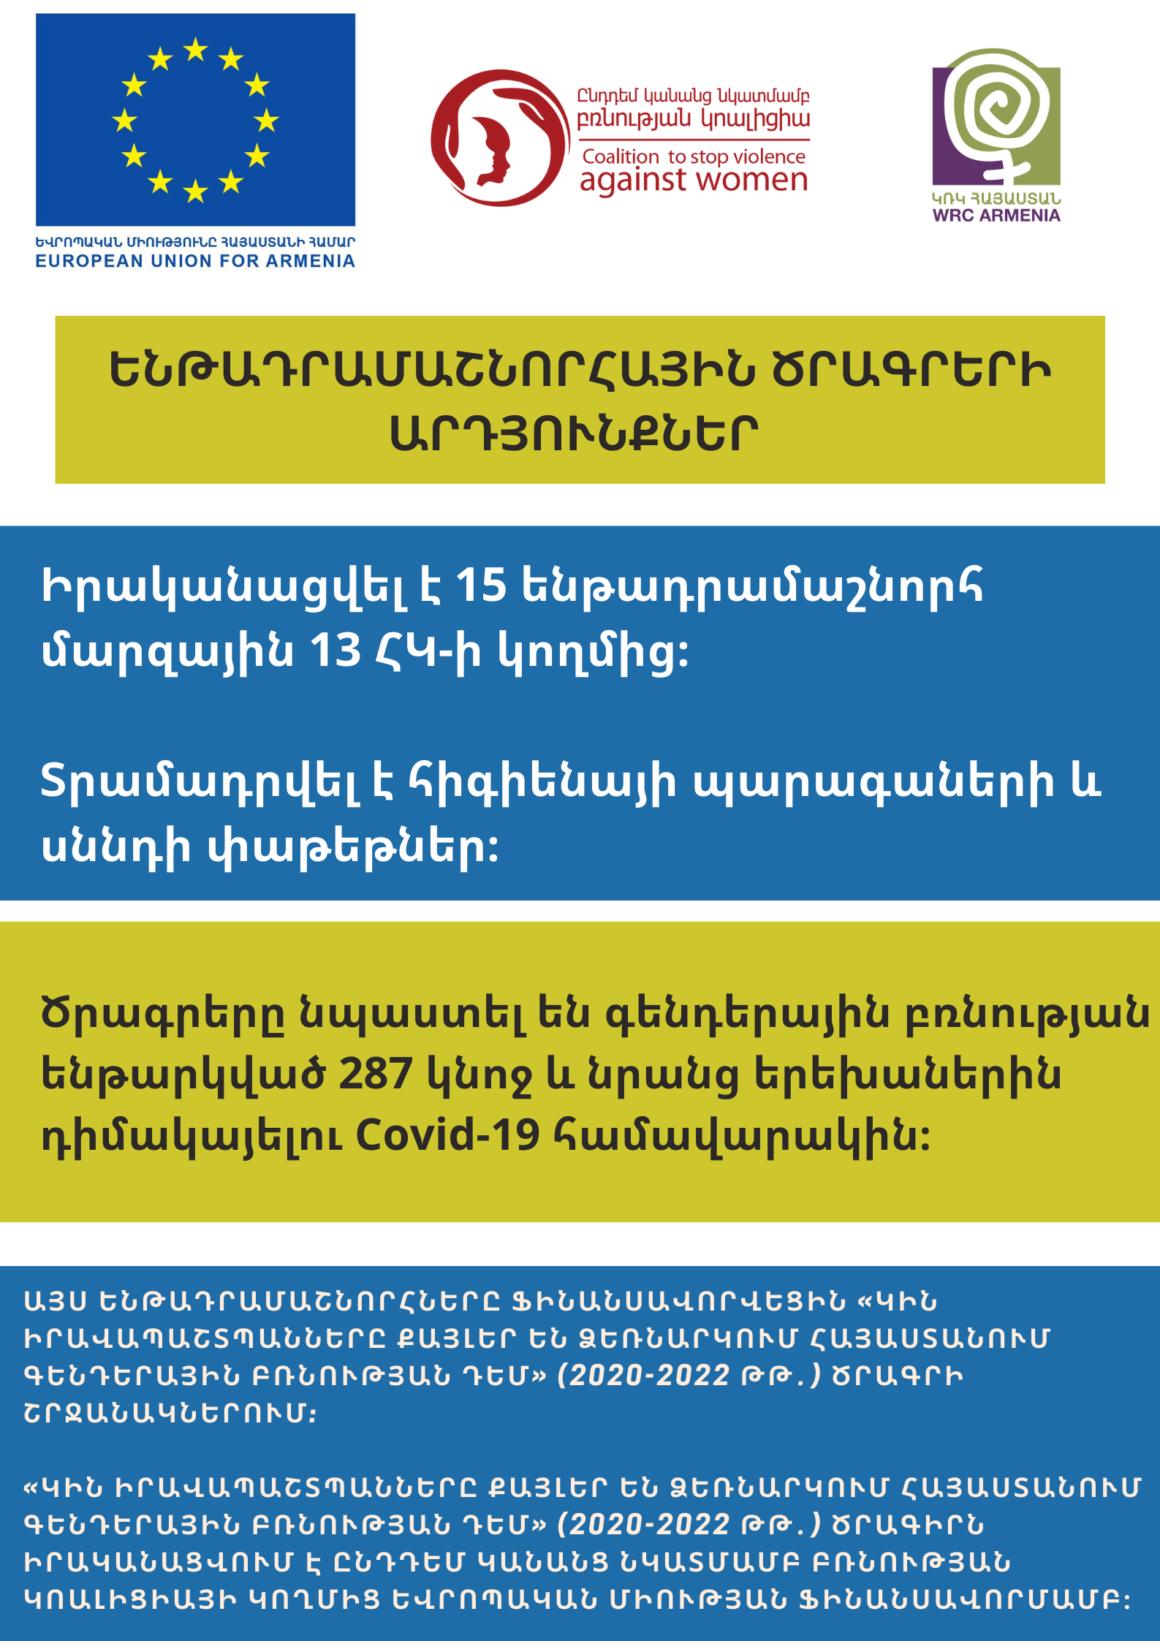 #EU4Armenia #StopGBVArmenia